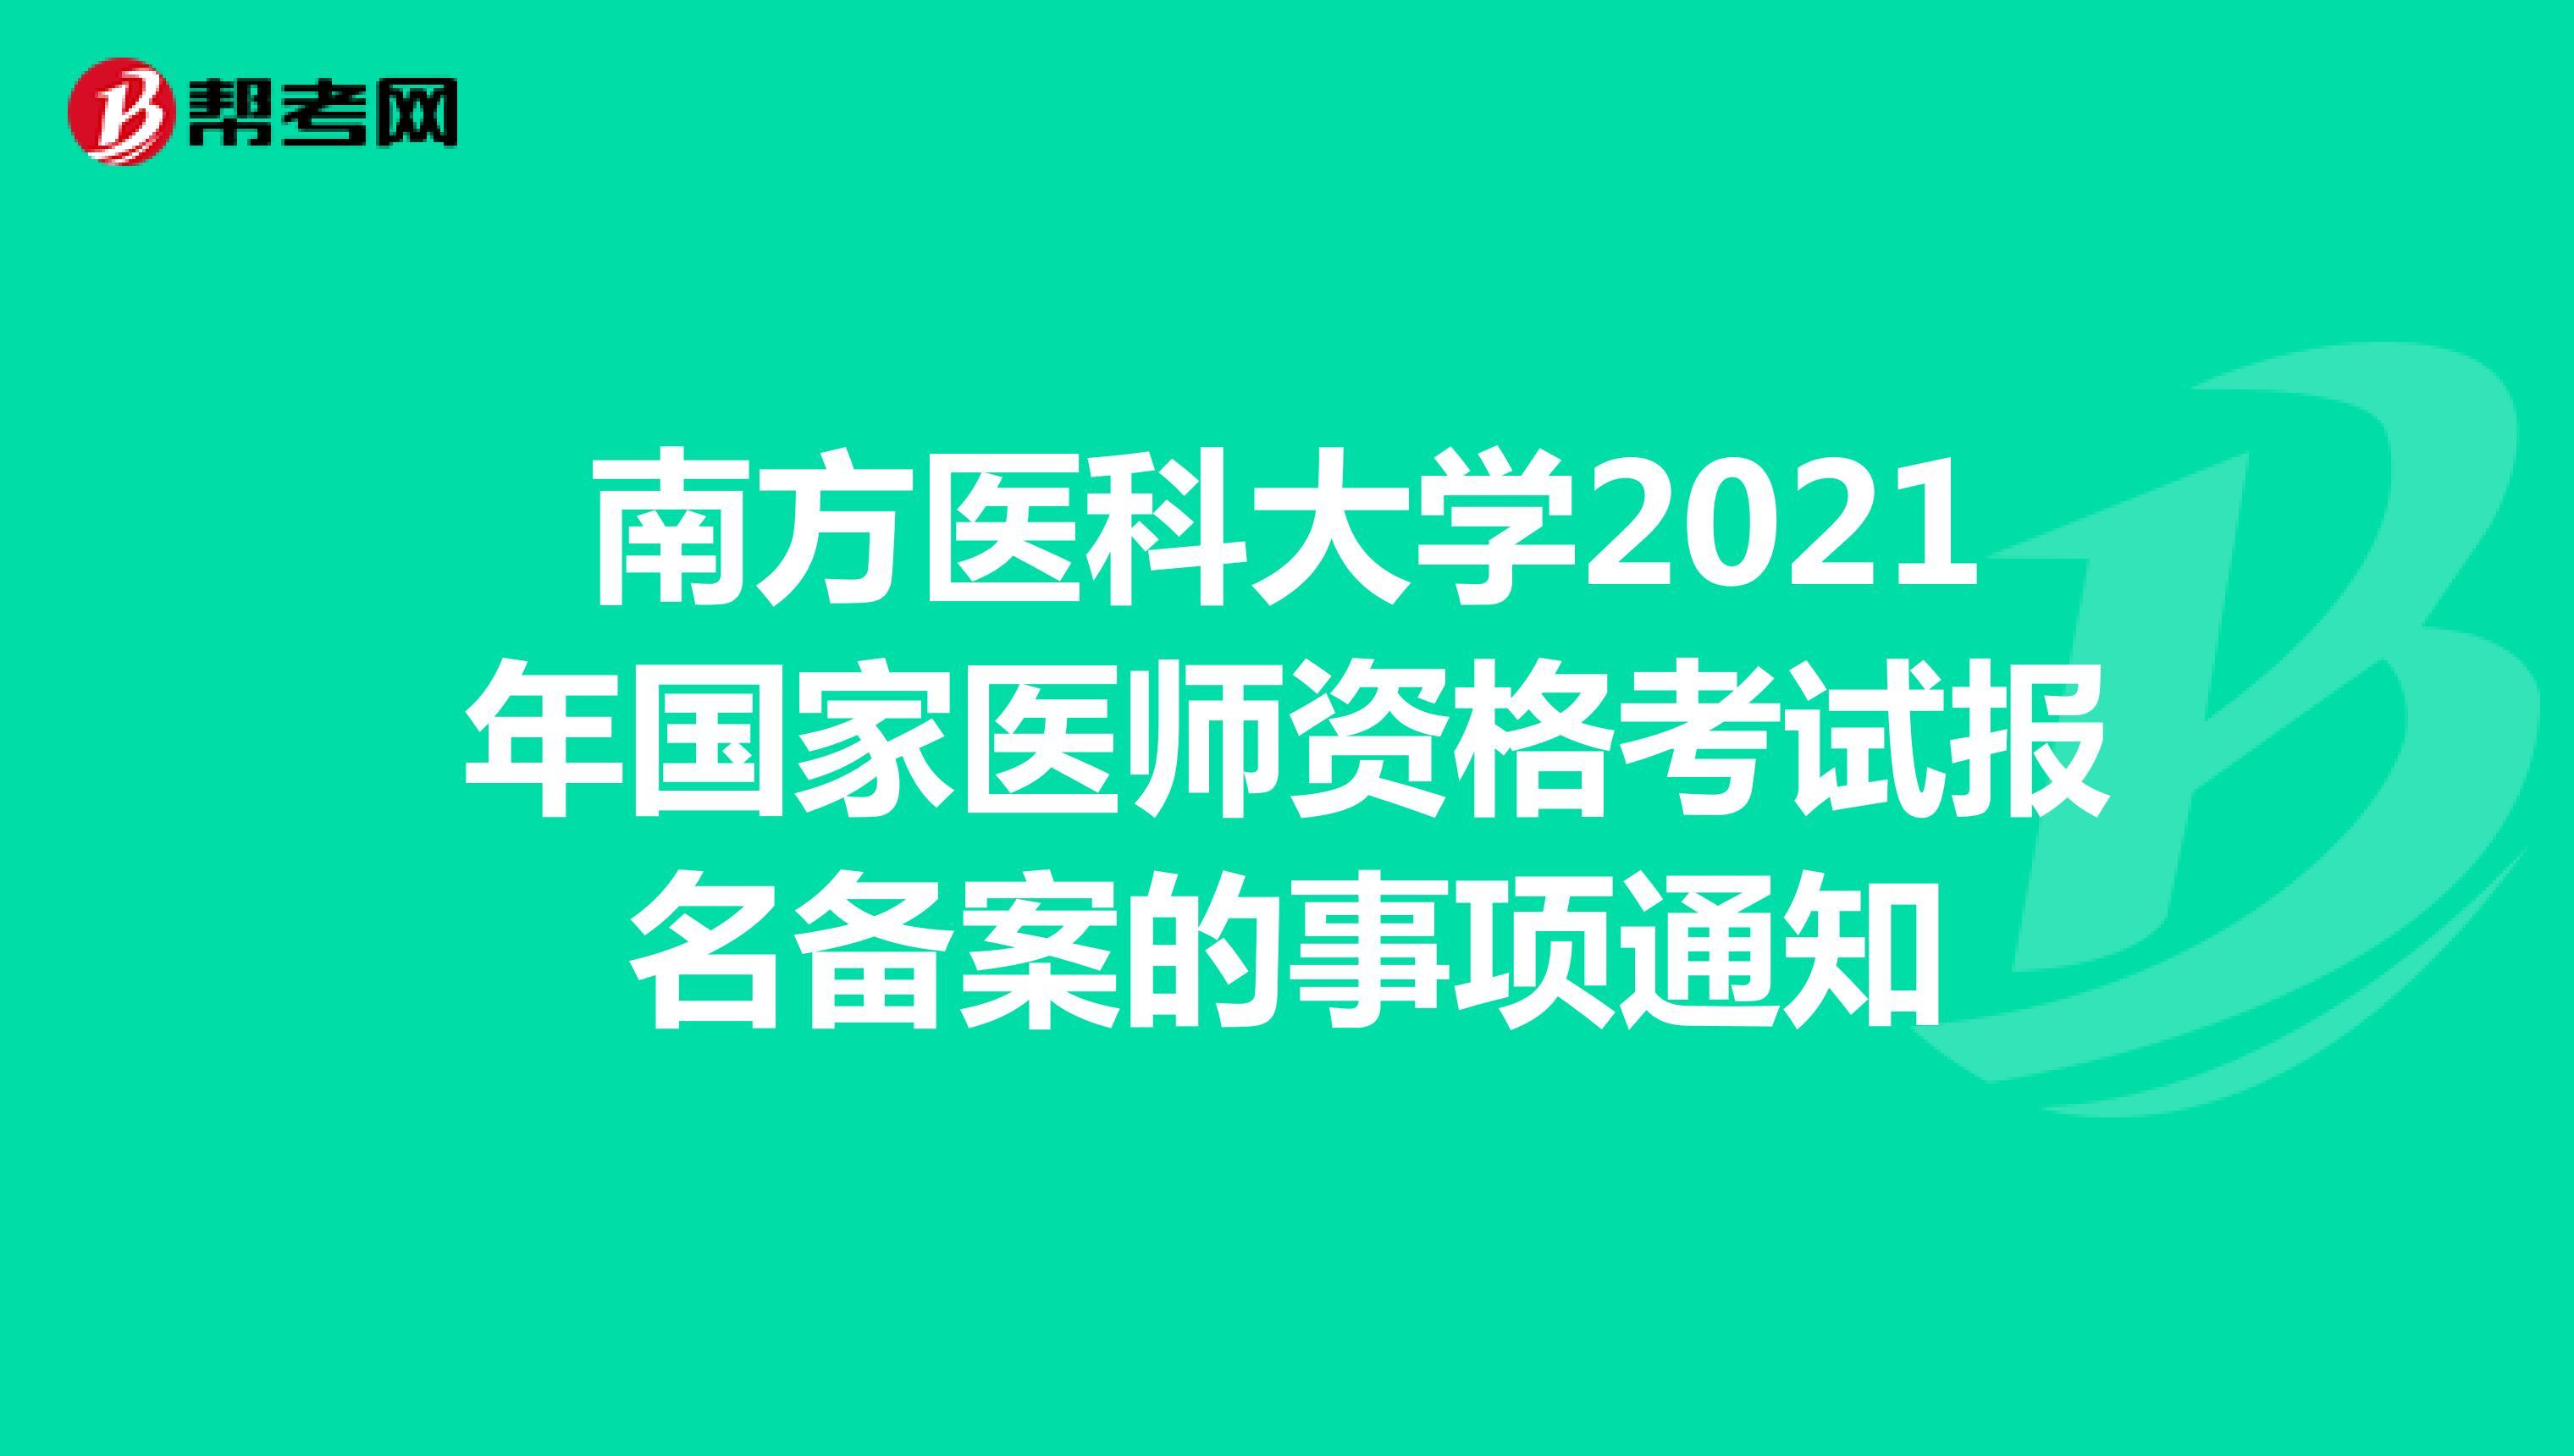 南方醫科大學2021年國家醫師資格考試報名備案的事項通知